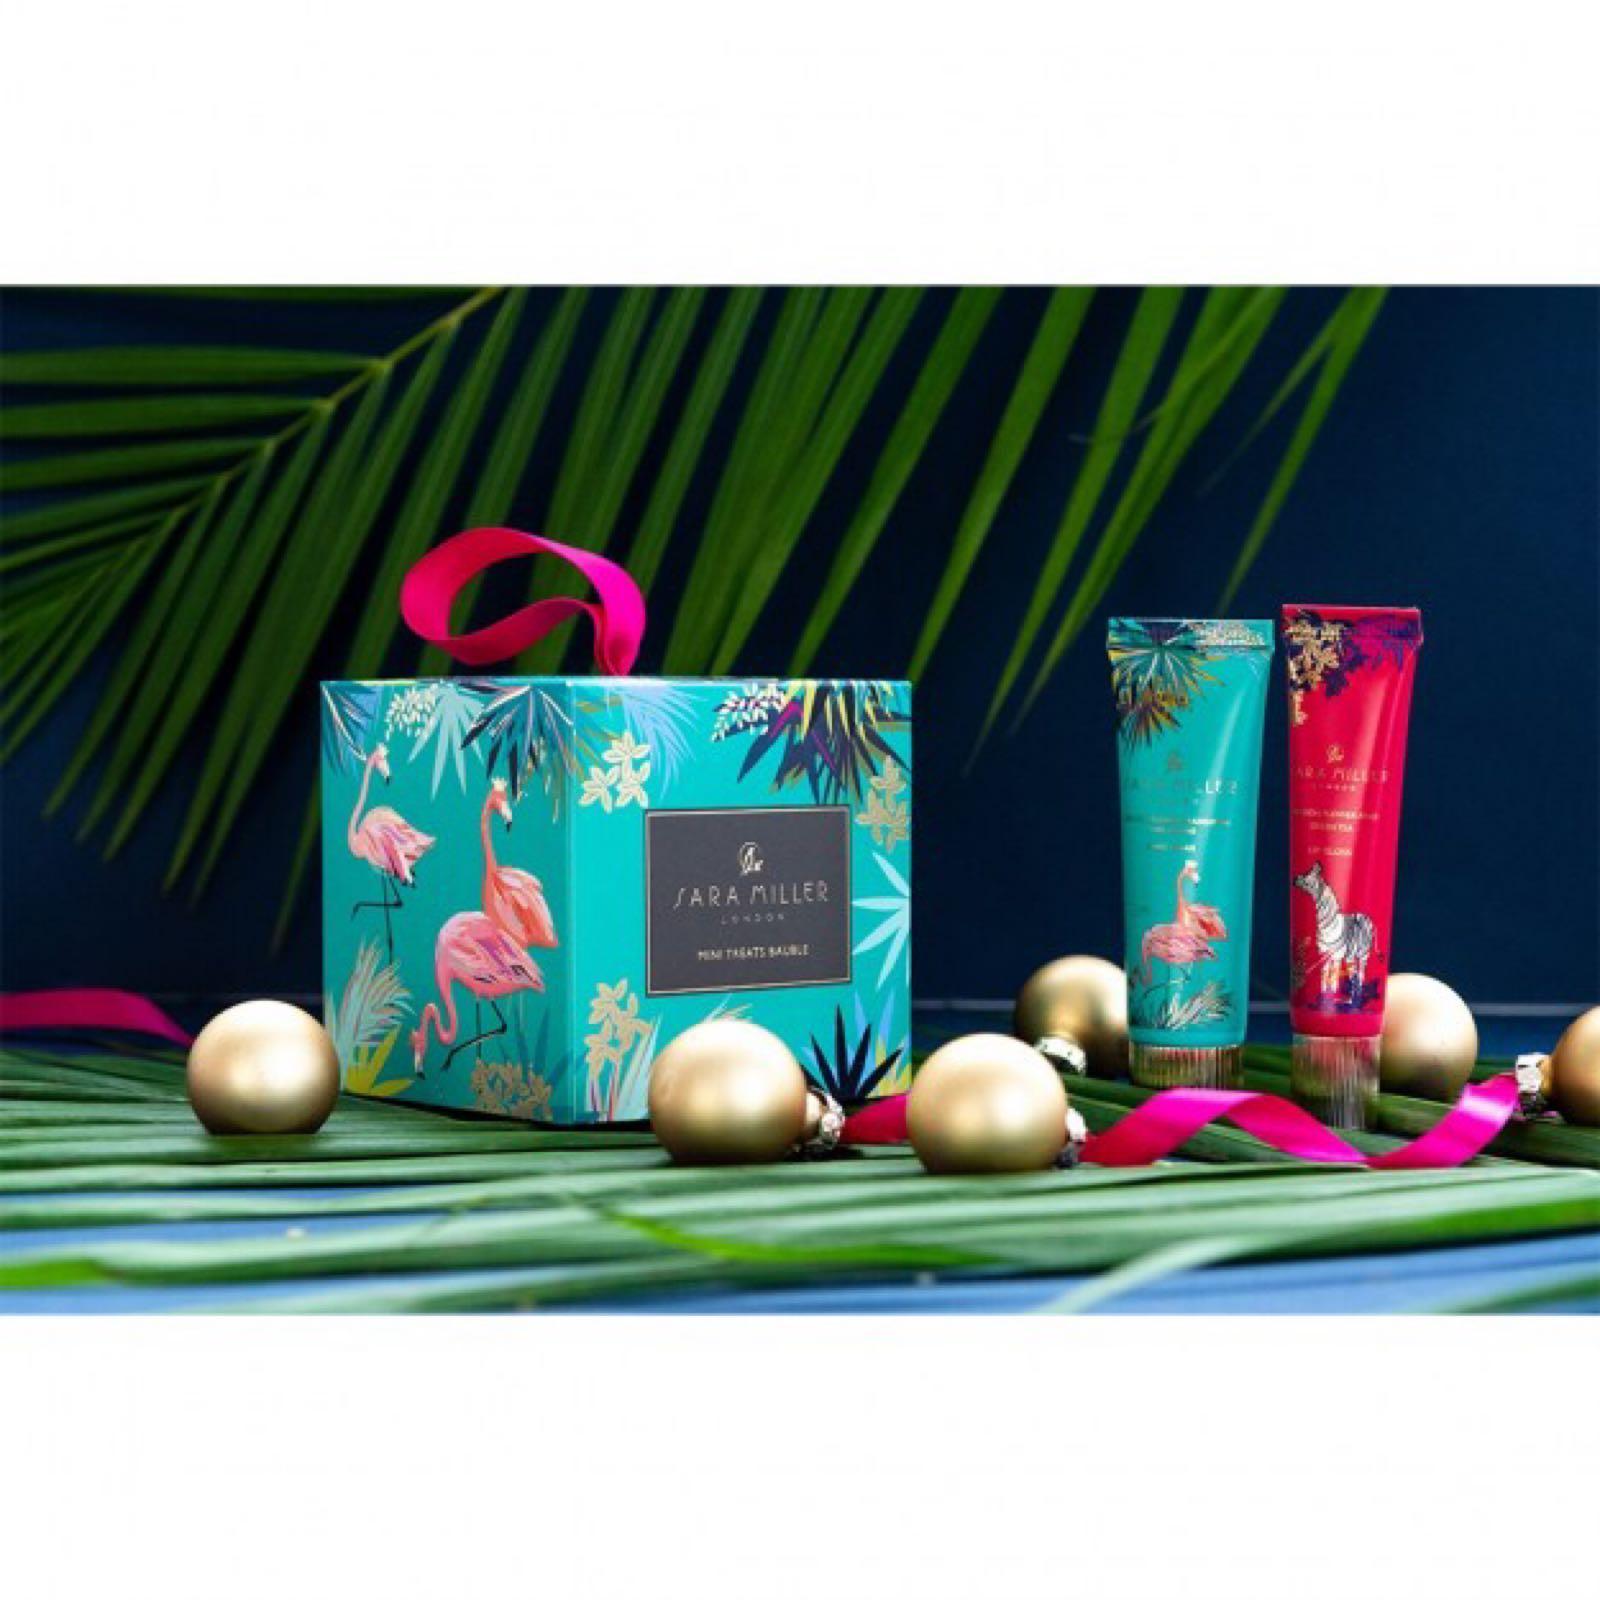 Sara Miller Tahiti Bauble 30ml Hand cream, 15ml lip gloss.